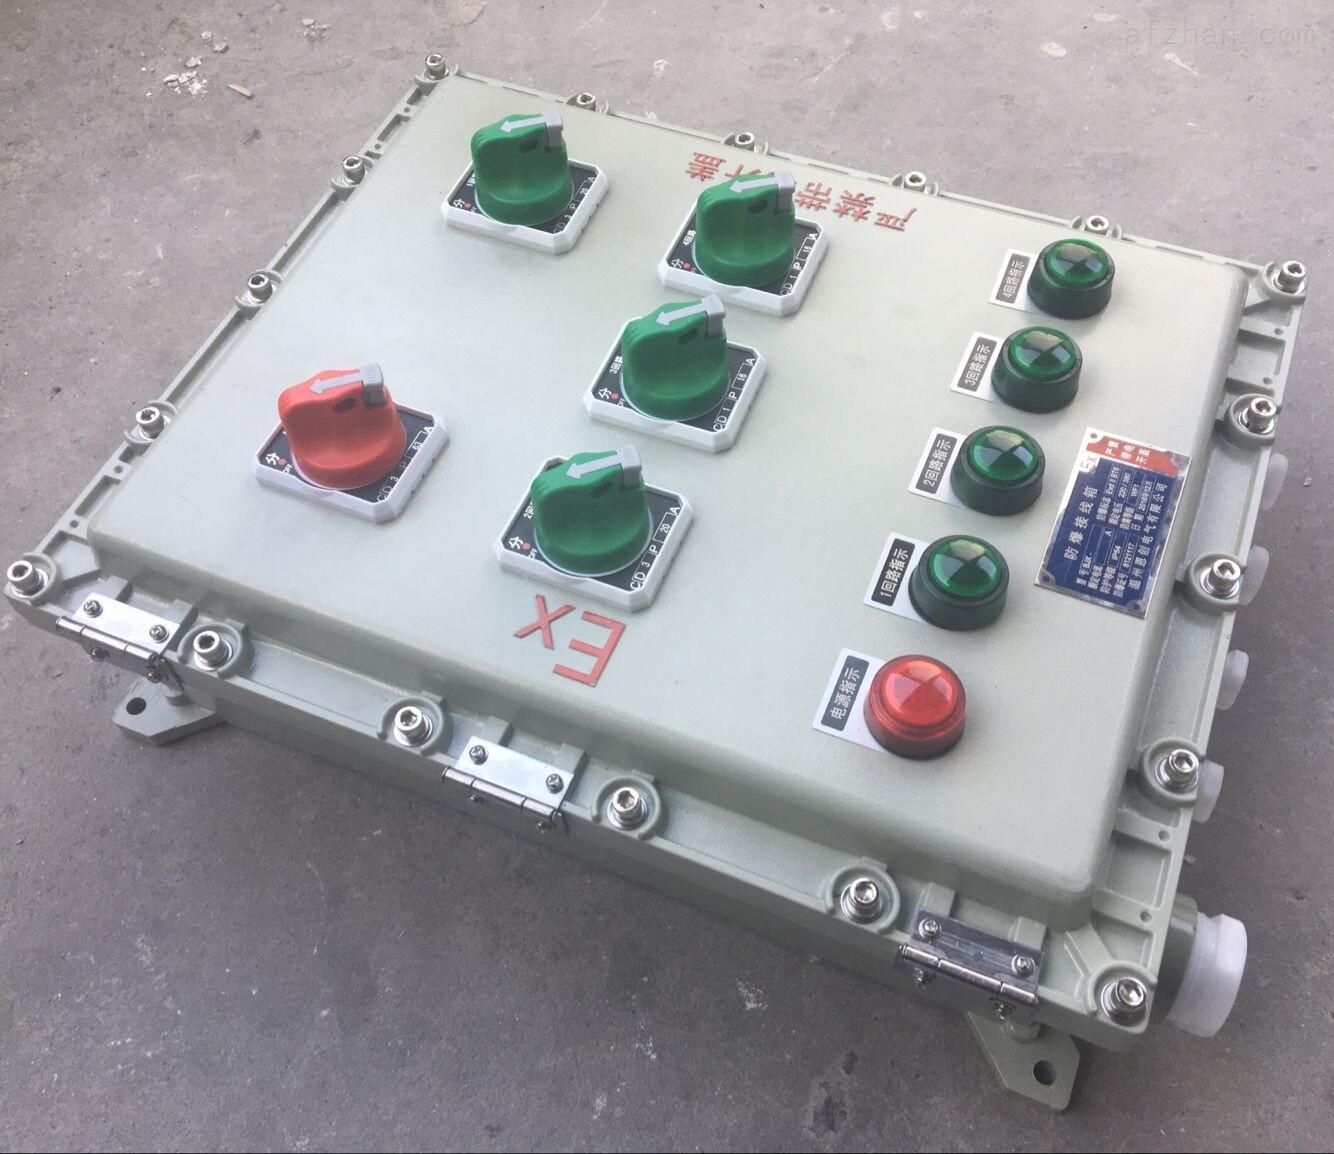 适用范围 1.1区、2区危险气体场所 2.A、B、C类T1~T6组爆炸性 气体或蒸气环境 3.户内、户外(IP54,IP65*) 4.适用于可燃性粉尘环境20区、21区、22区 产品特点 1.铝合金外壳压铸或者钢板焊接成型,表面高压静电喷塑,外形美观 2.内可根据客户要求安装C65N、NC100H及S25S高分断小型断路器、M611或GV2电动机保护器、3VE1空气开关、CM1塑壳断路器及信号灯等元件 3.